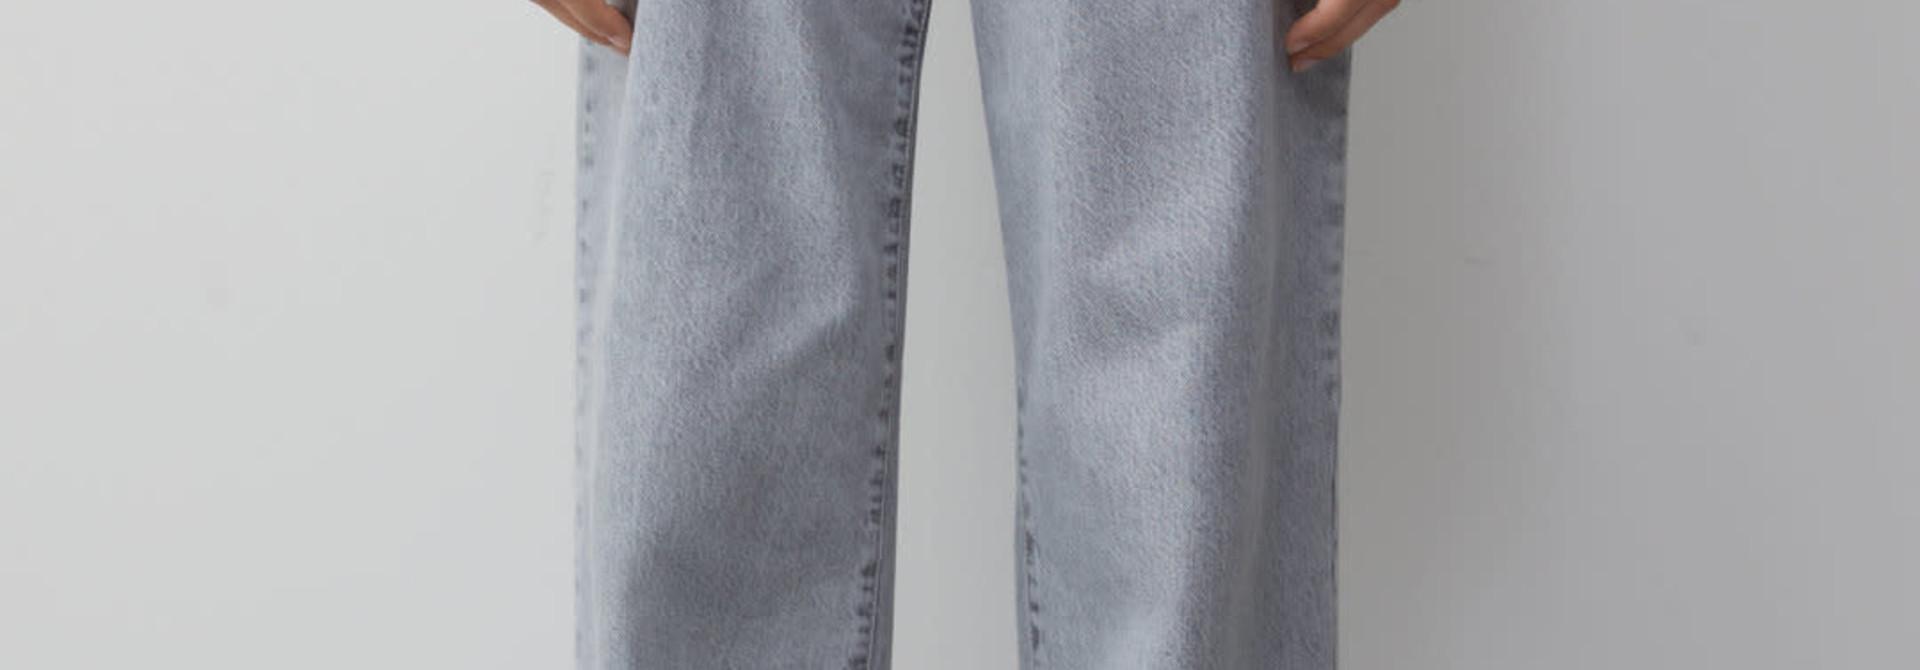 nollin mid grey c91893